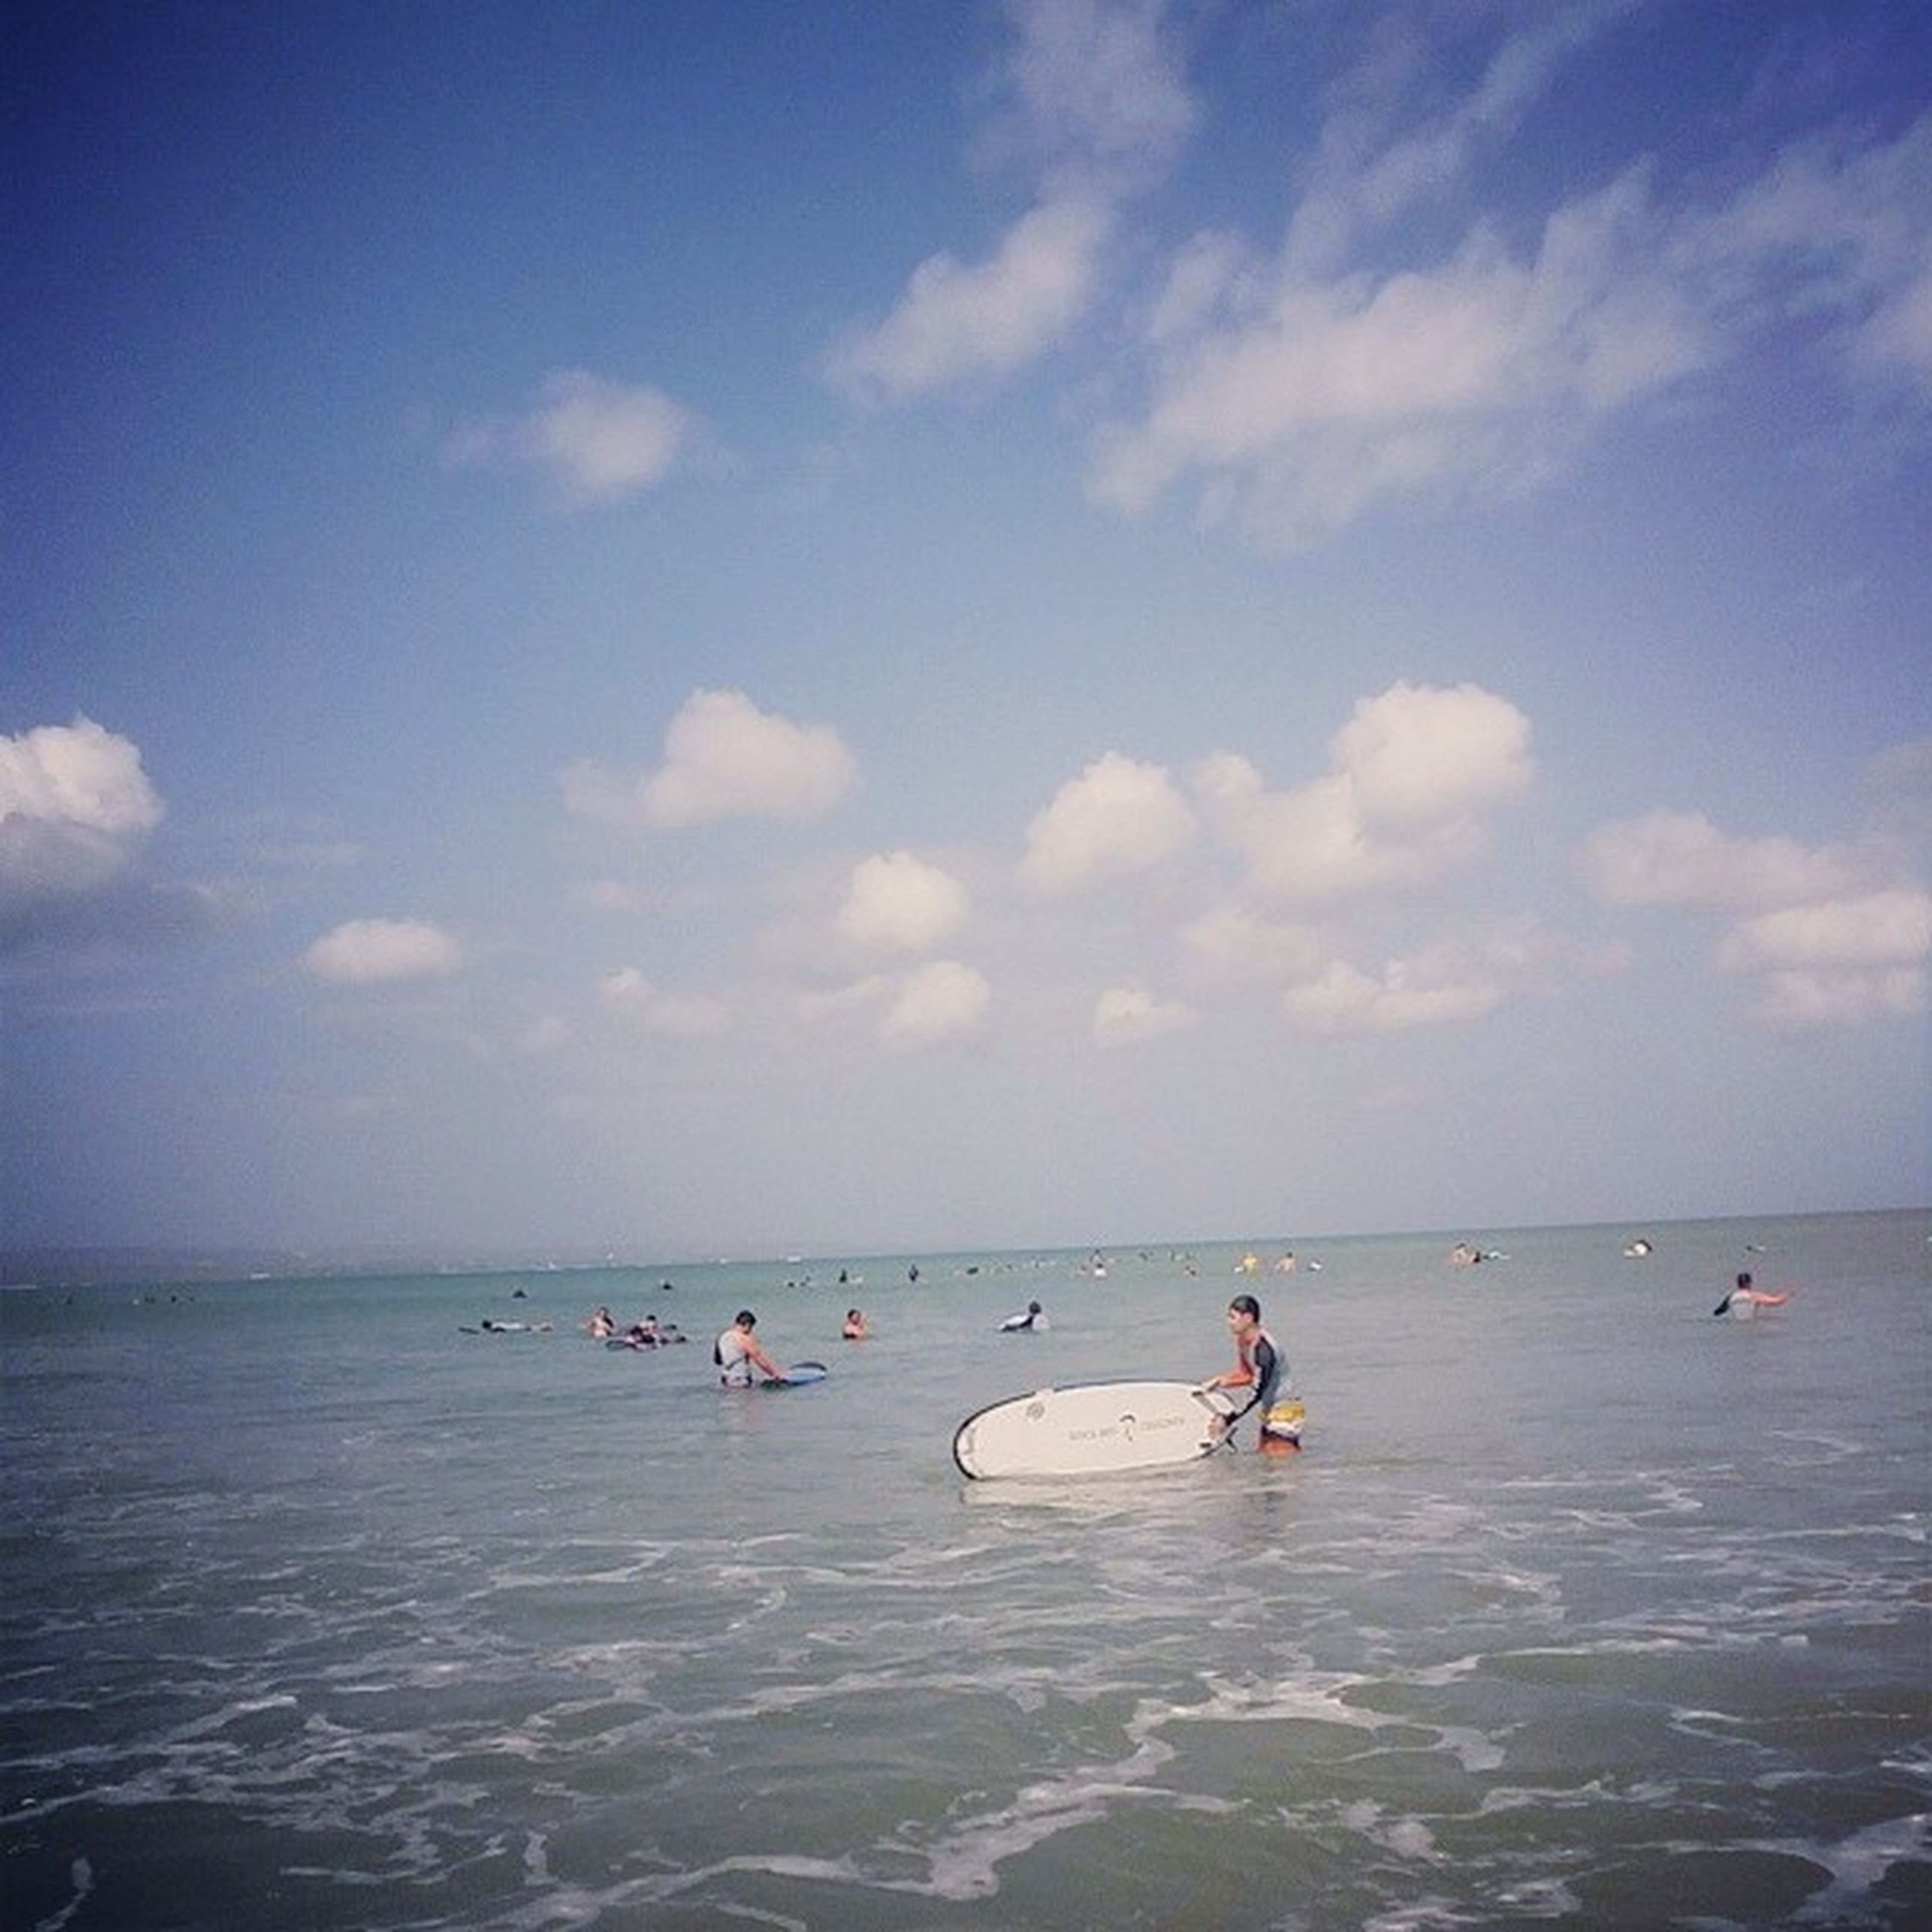 나 ....오늘물에빠짐바루서퍼 발리 서핑 힘들다아침일찍부터파도타기ㅋㅋㅋㅋㄱㅋㅋㅋㅋㄱ나ㅎㅎㅎㅎㅎㅎㅇㅎㅎㅎㅎㅎㅇ무슨선수훈련온삘..;;물너무짜....실시간바다꾸따비치맞팔힘들어ㅋㅋㅋㅋㄱㅋㅋㅋㅋㅋㅋㅋㅋㄱㅋㅋㅋㅋ너무힘들어서웃음만나와ㅋㅋㅋㅋㅋㅋㄱㅋㅋㅋㅋㅋ